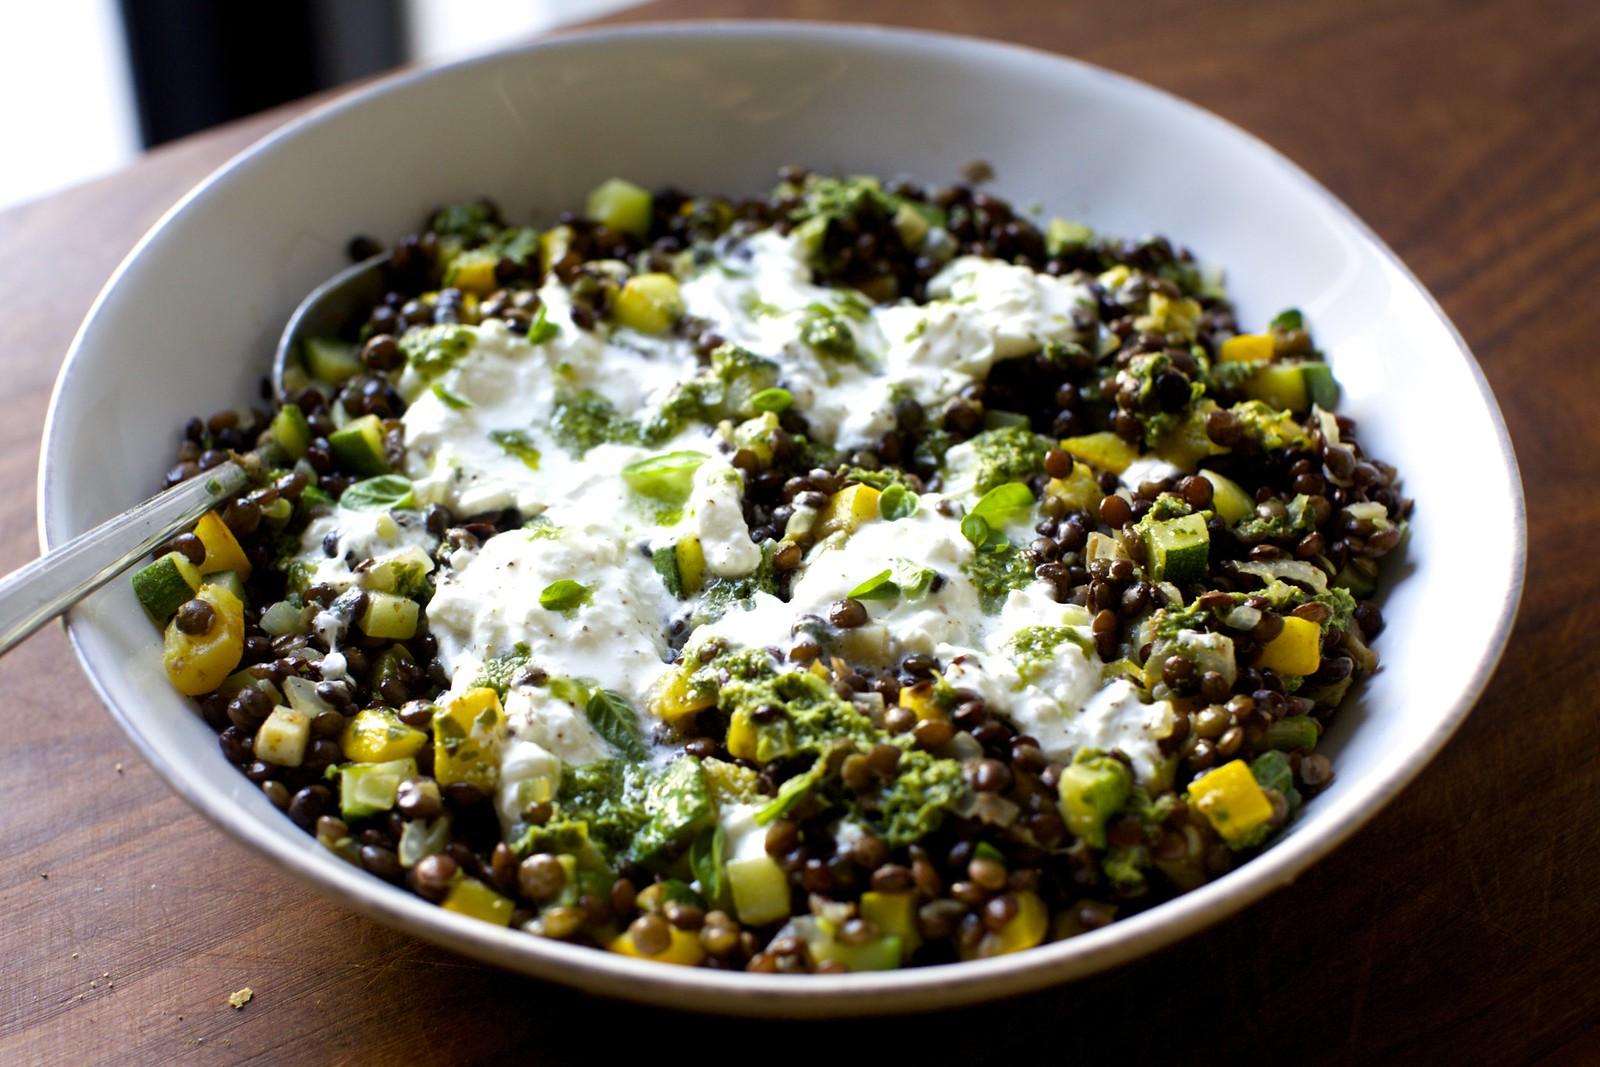 burrata with lentils and basil vinaigrette